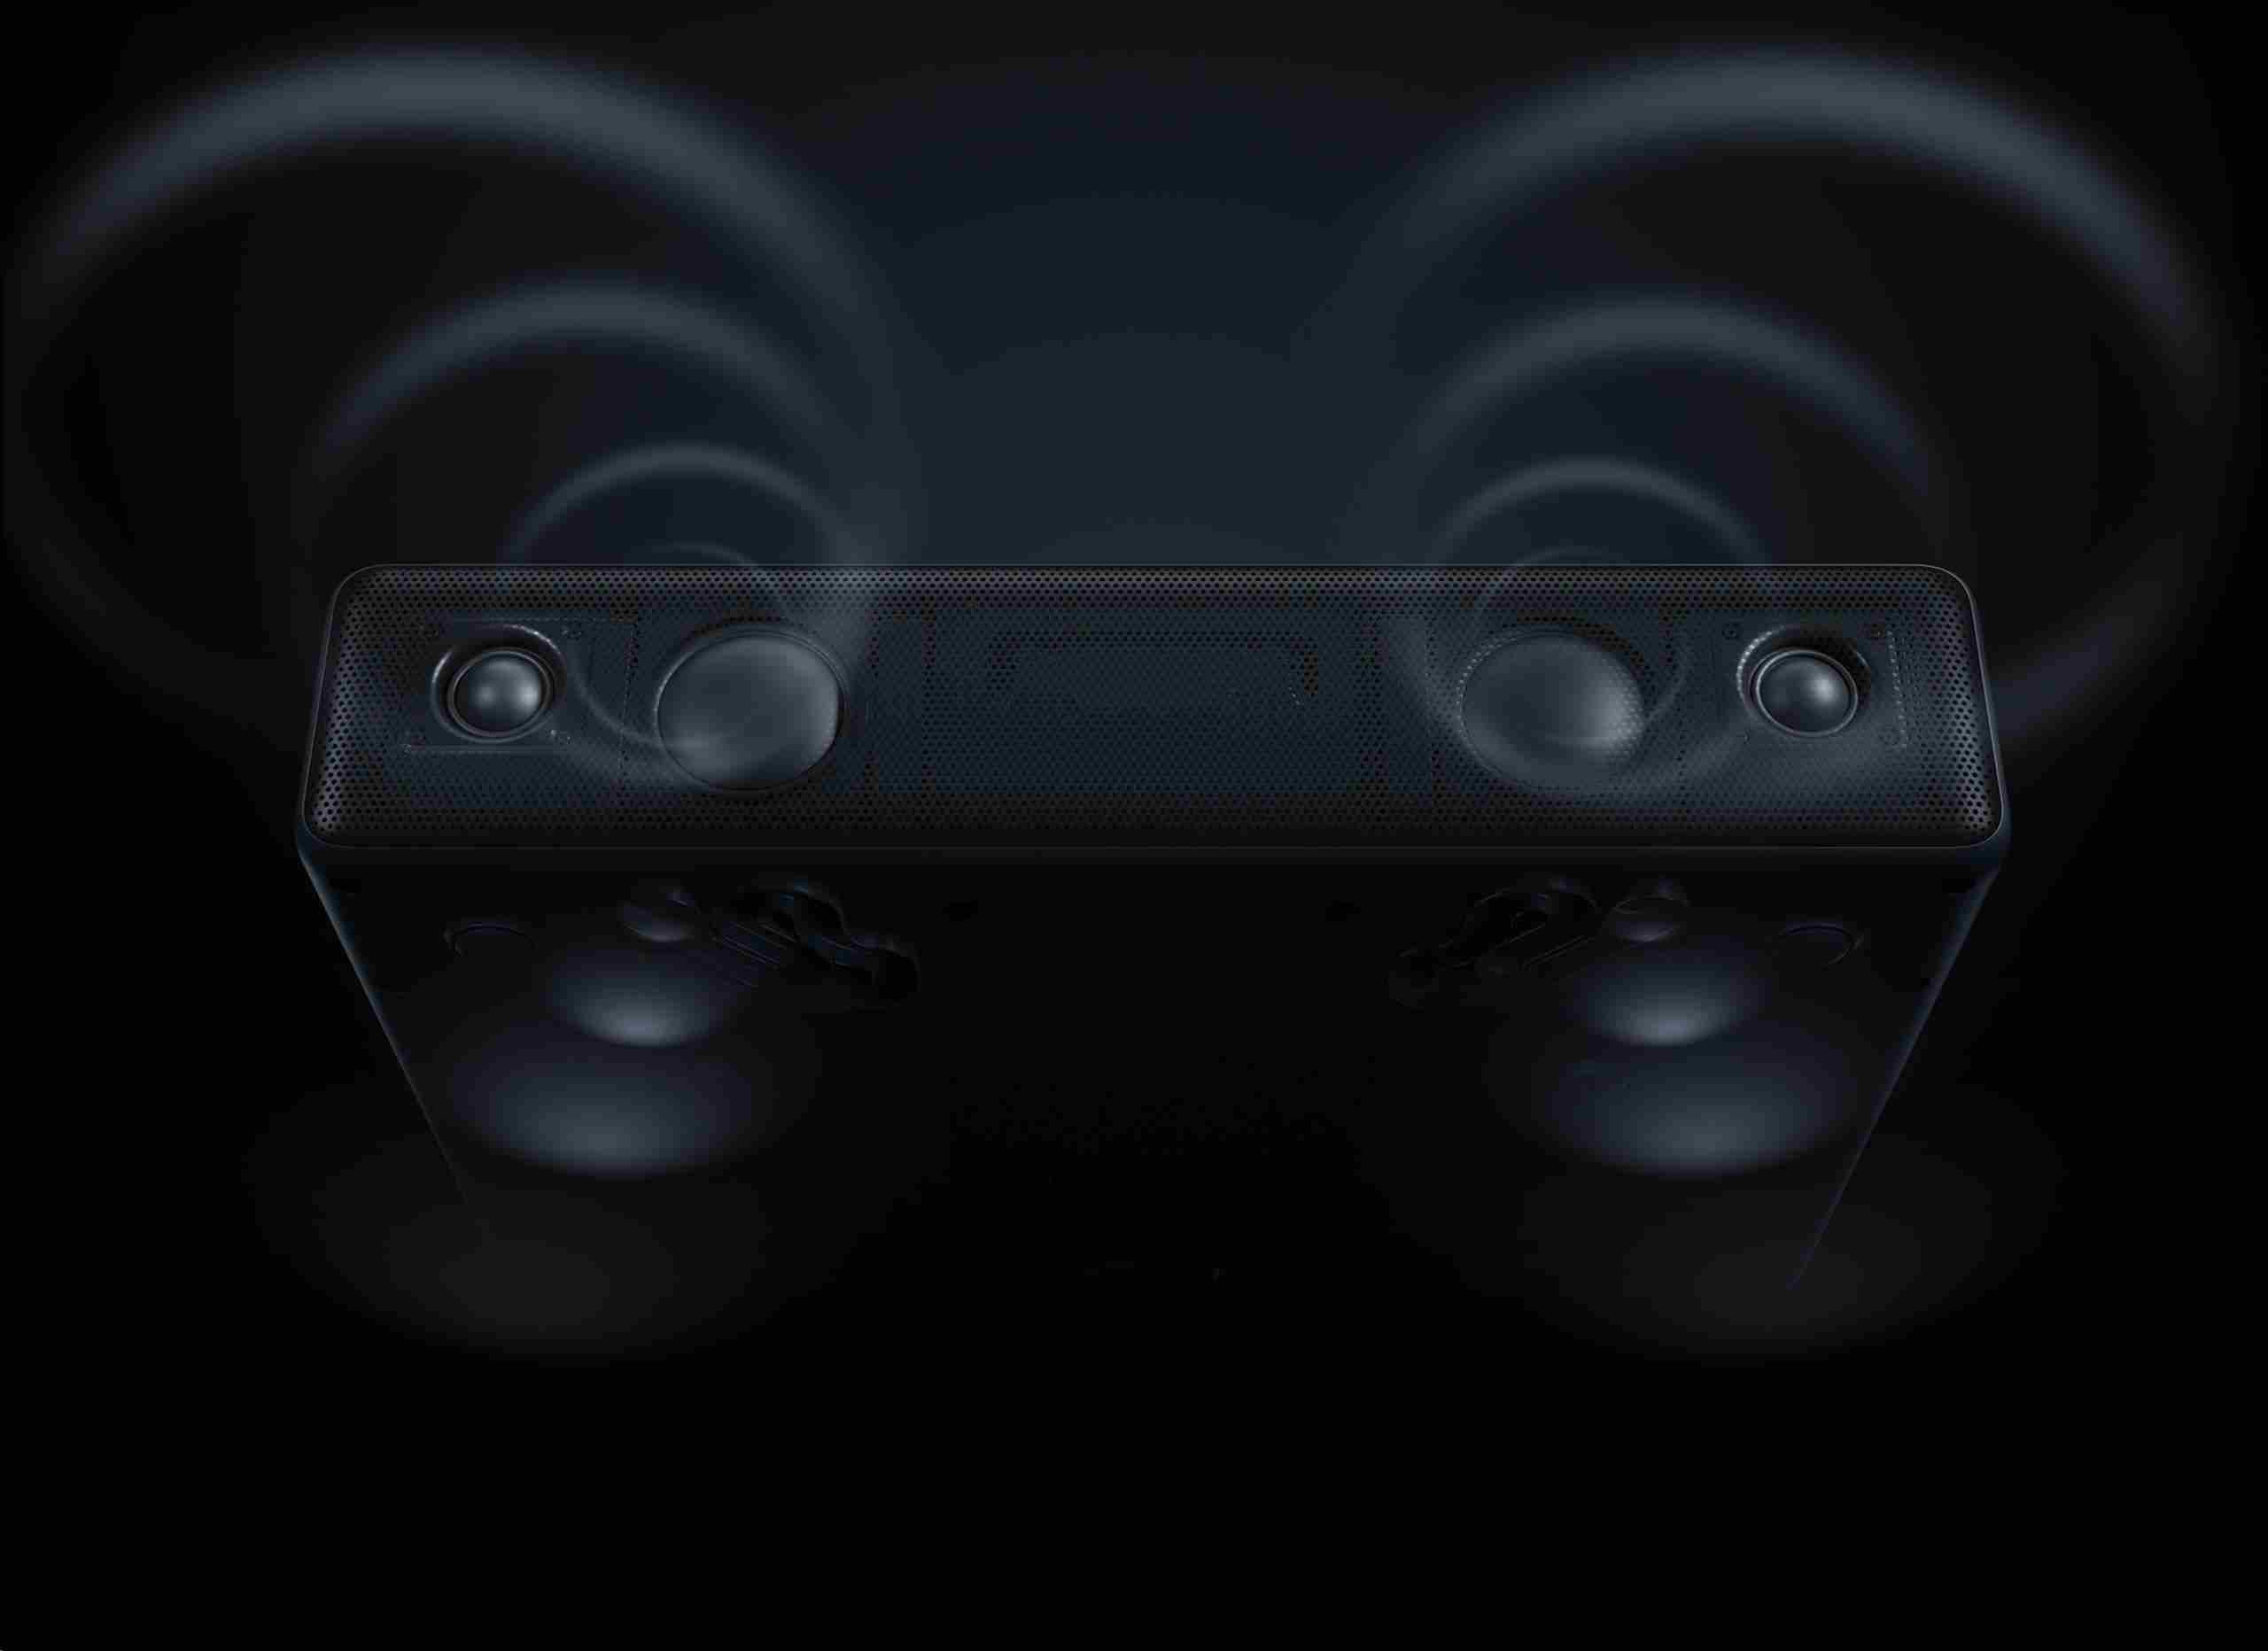 Obr. Vestavěný stereofonní reproduktor 1526448c